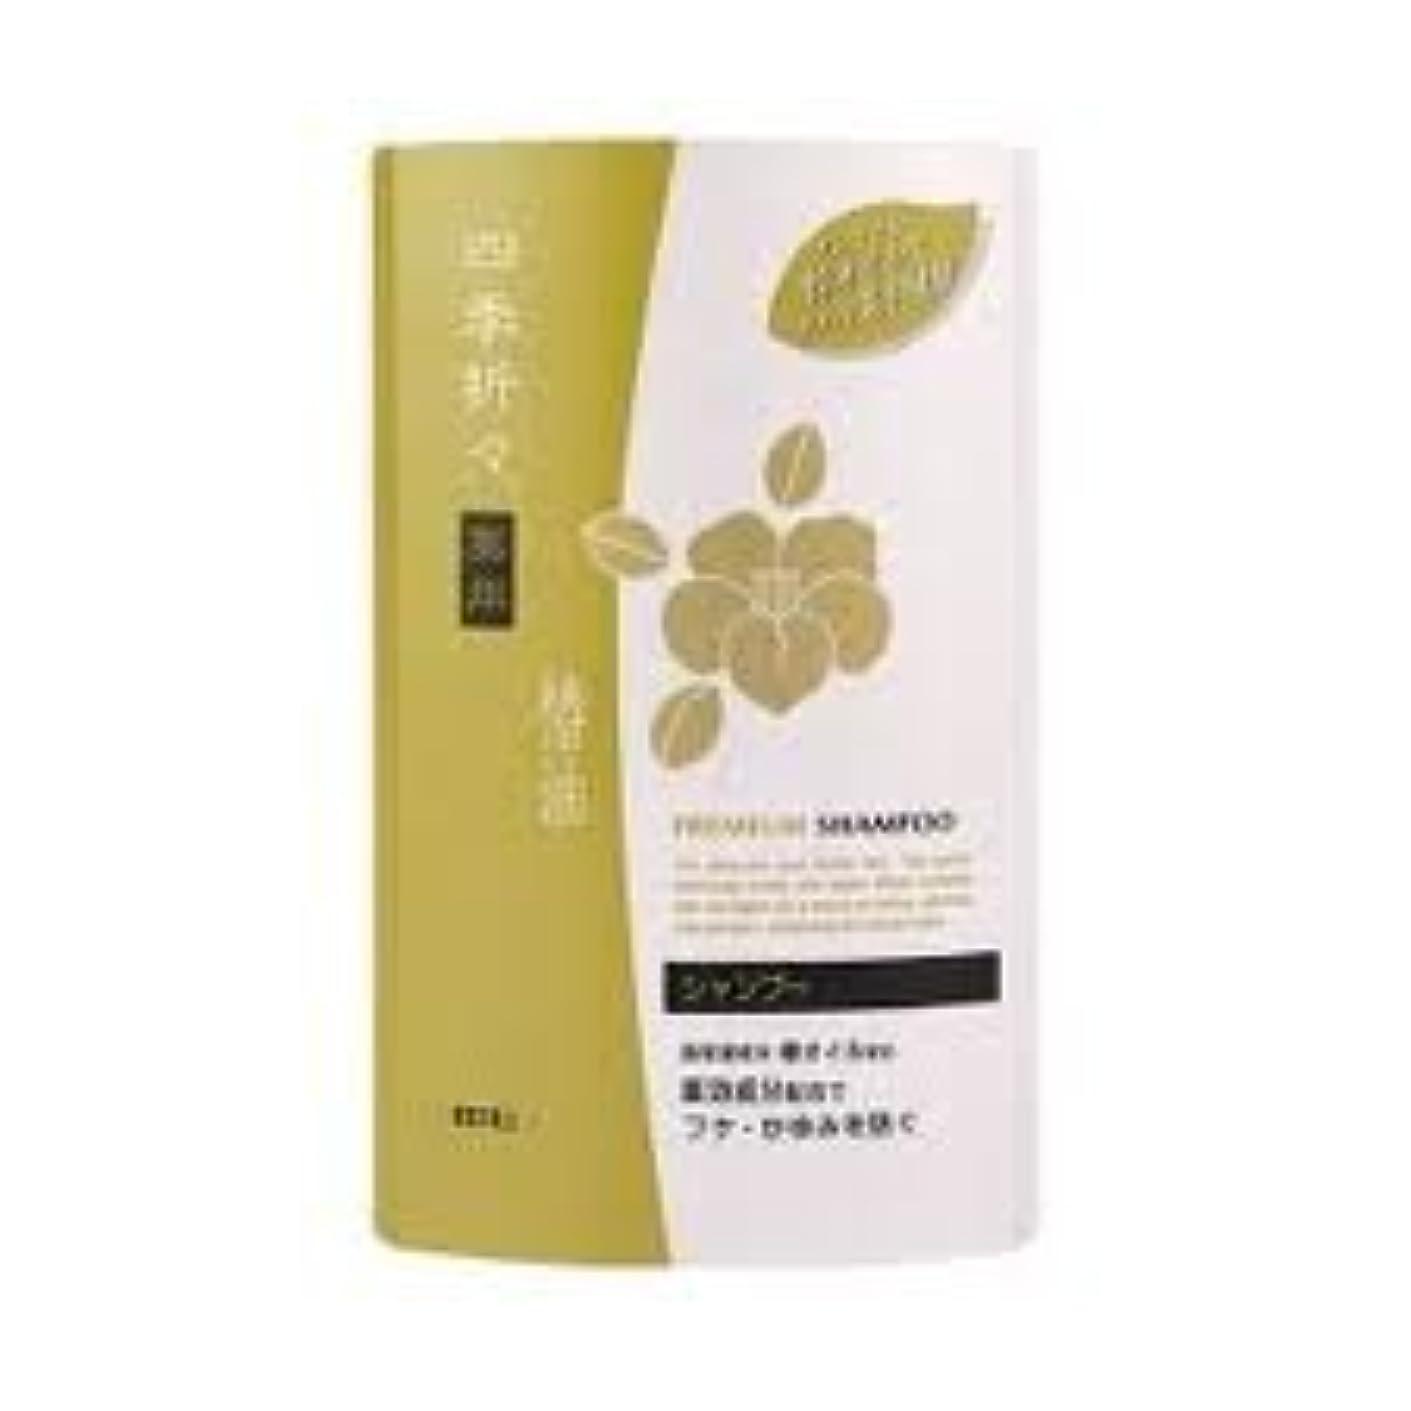 約緩やかな引き受ける熊野油脂 四季折々 薬用椿油シャンプー つめかえ用 400ml×24点セット (4513574011823)